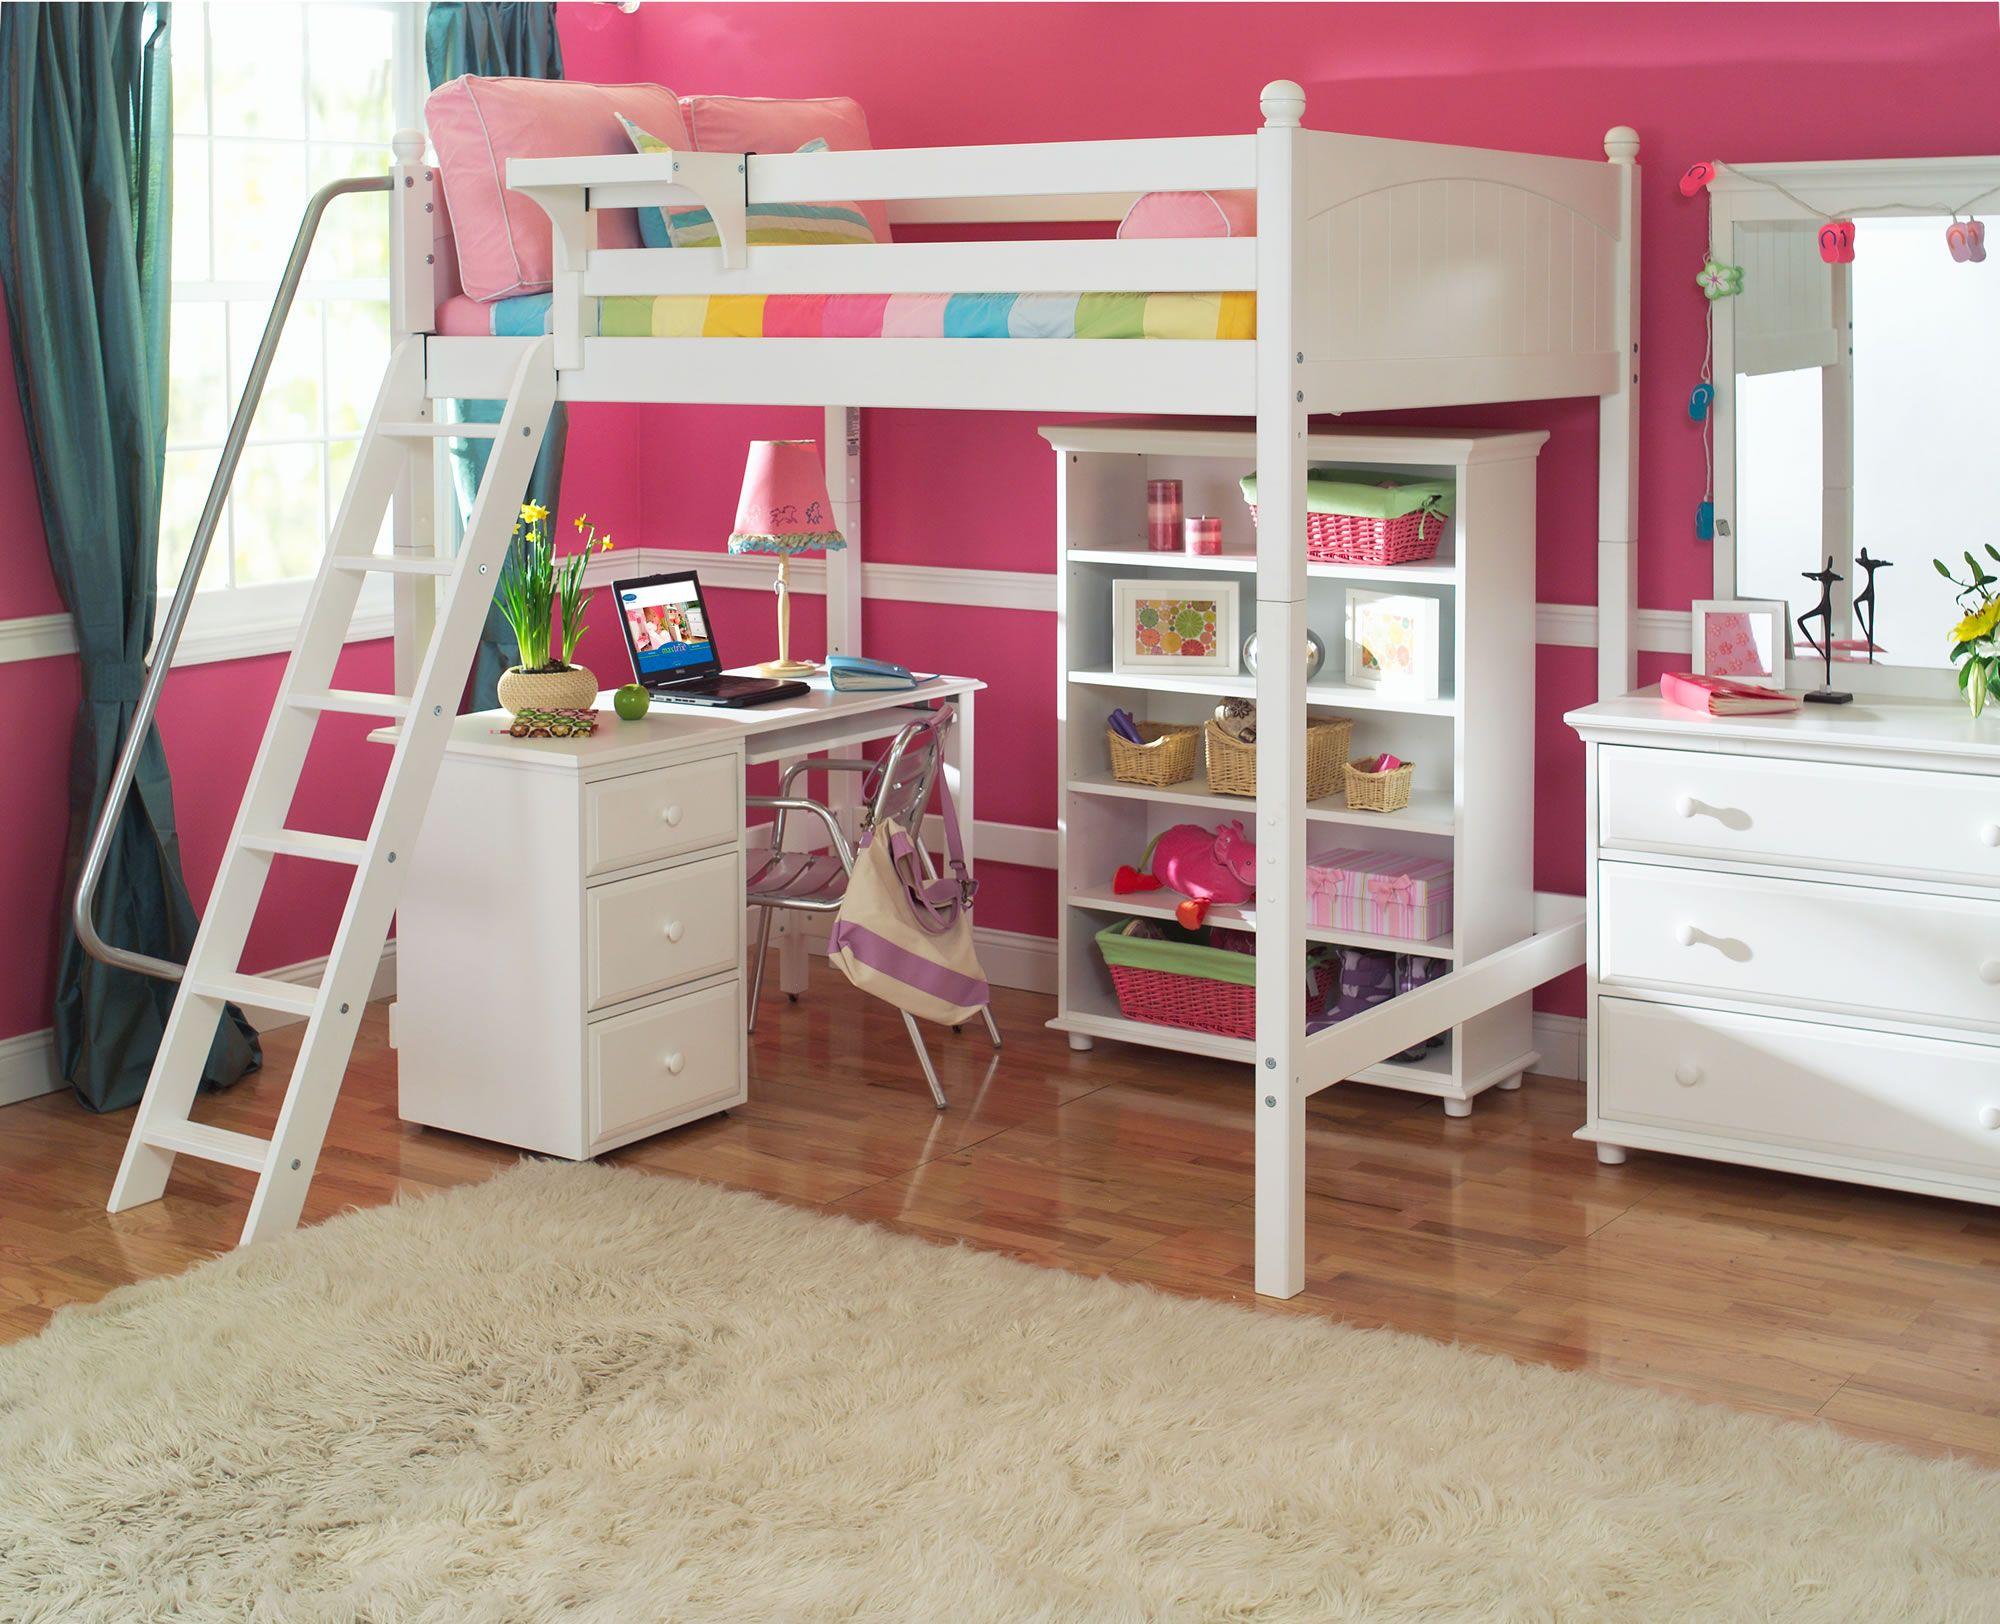 Shop For Girls Maxtrix High Loft Beds Maxtrix Ultra Giant